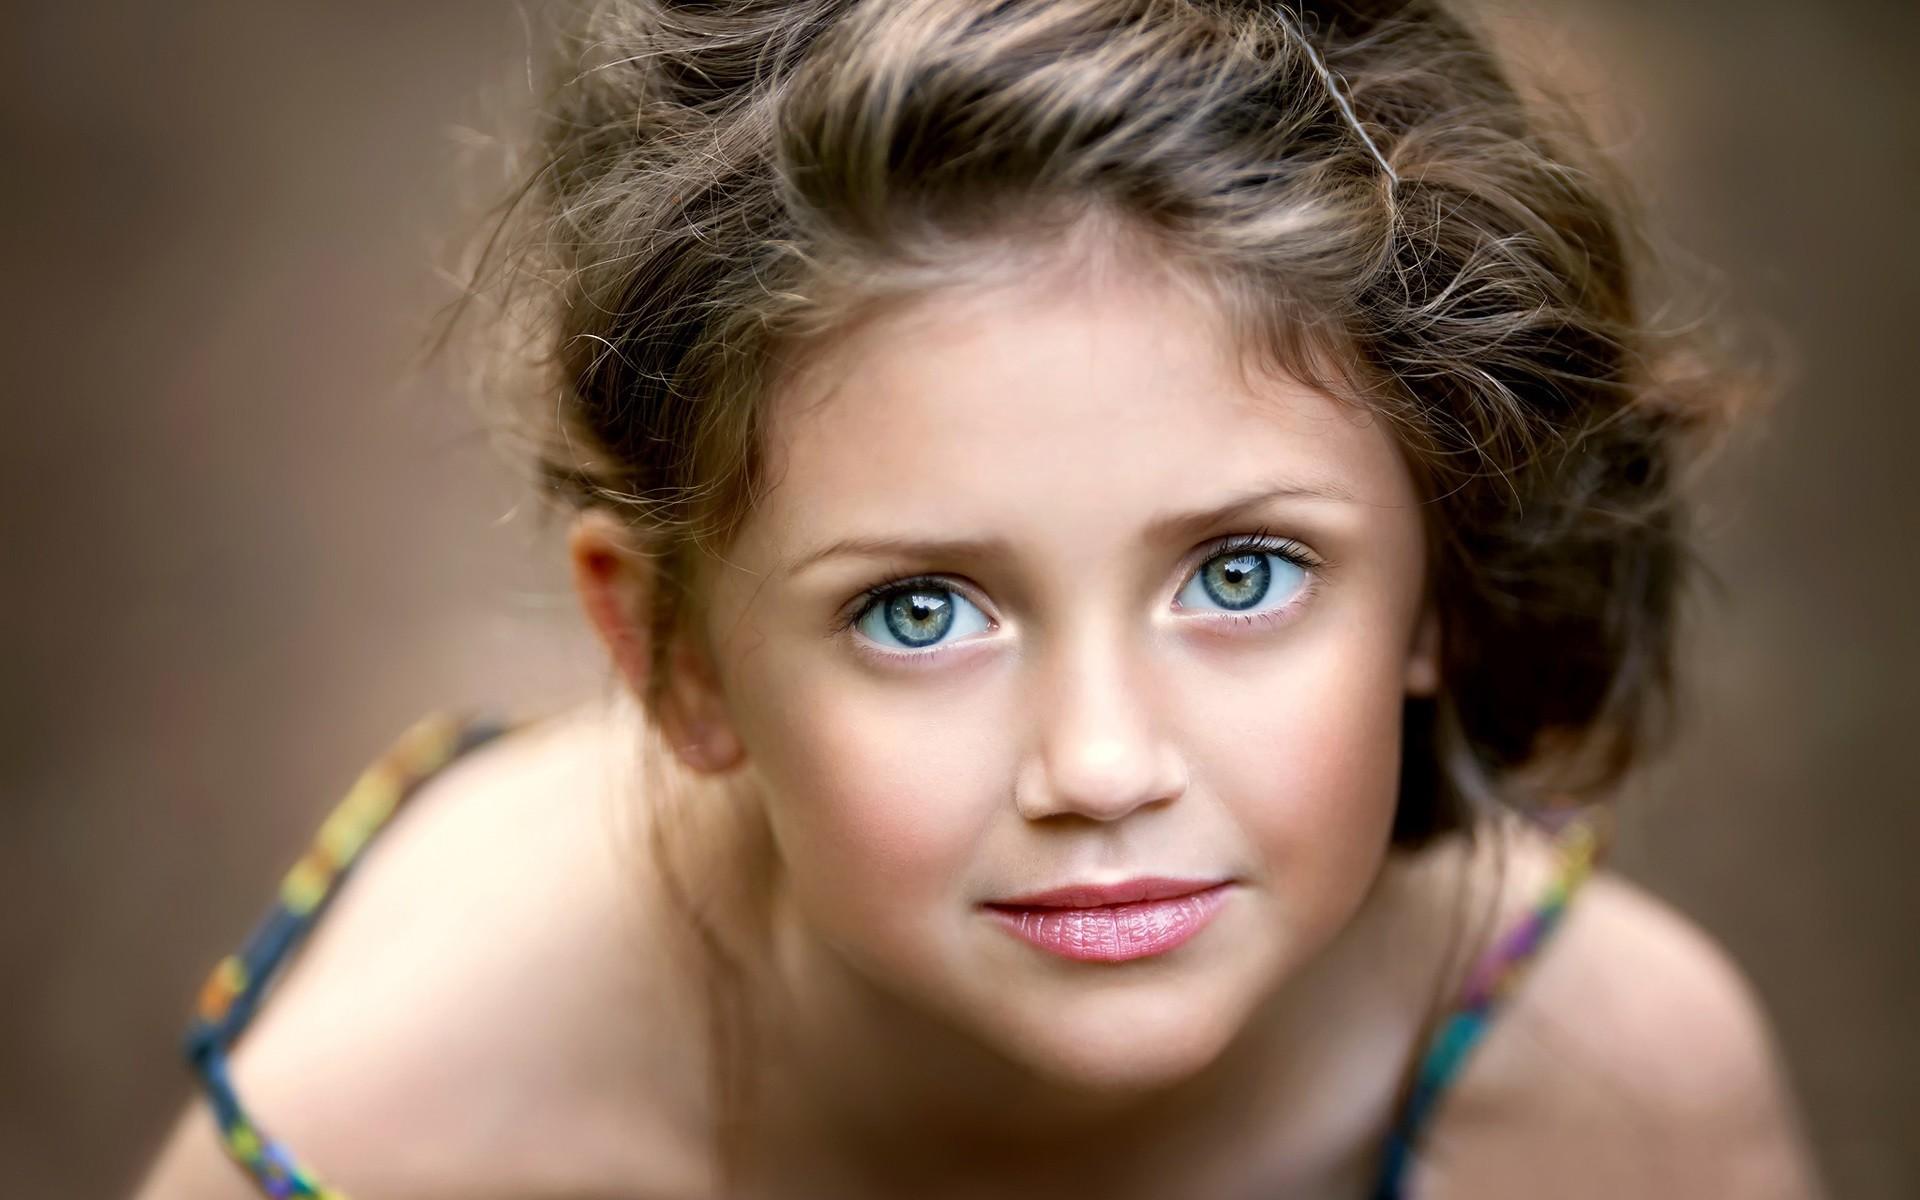 Cute Pretty Little Girl Portrait Face Wallpaper